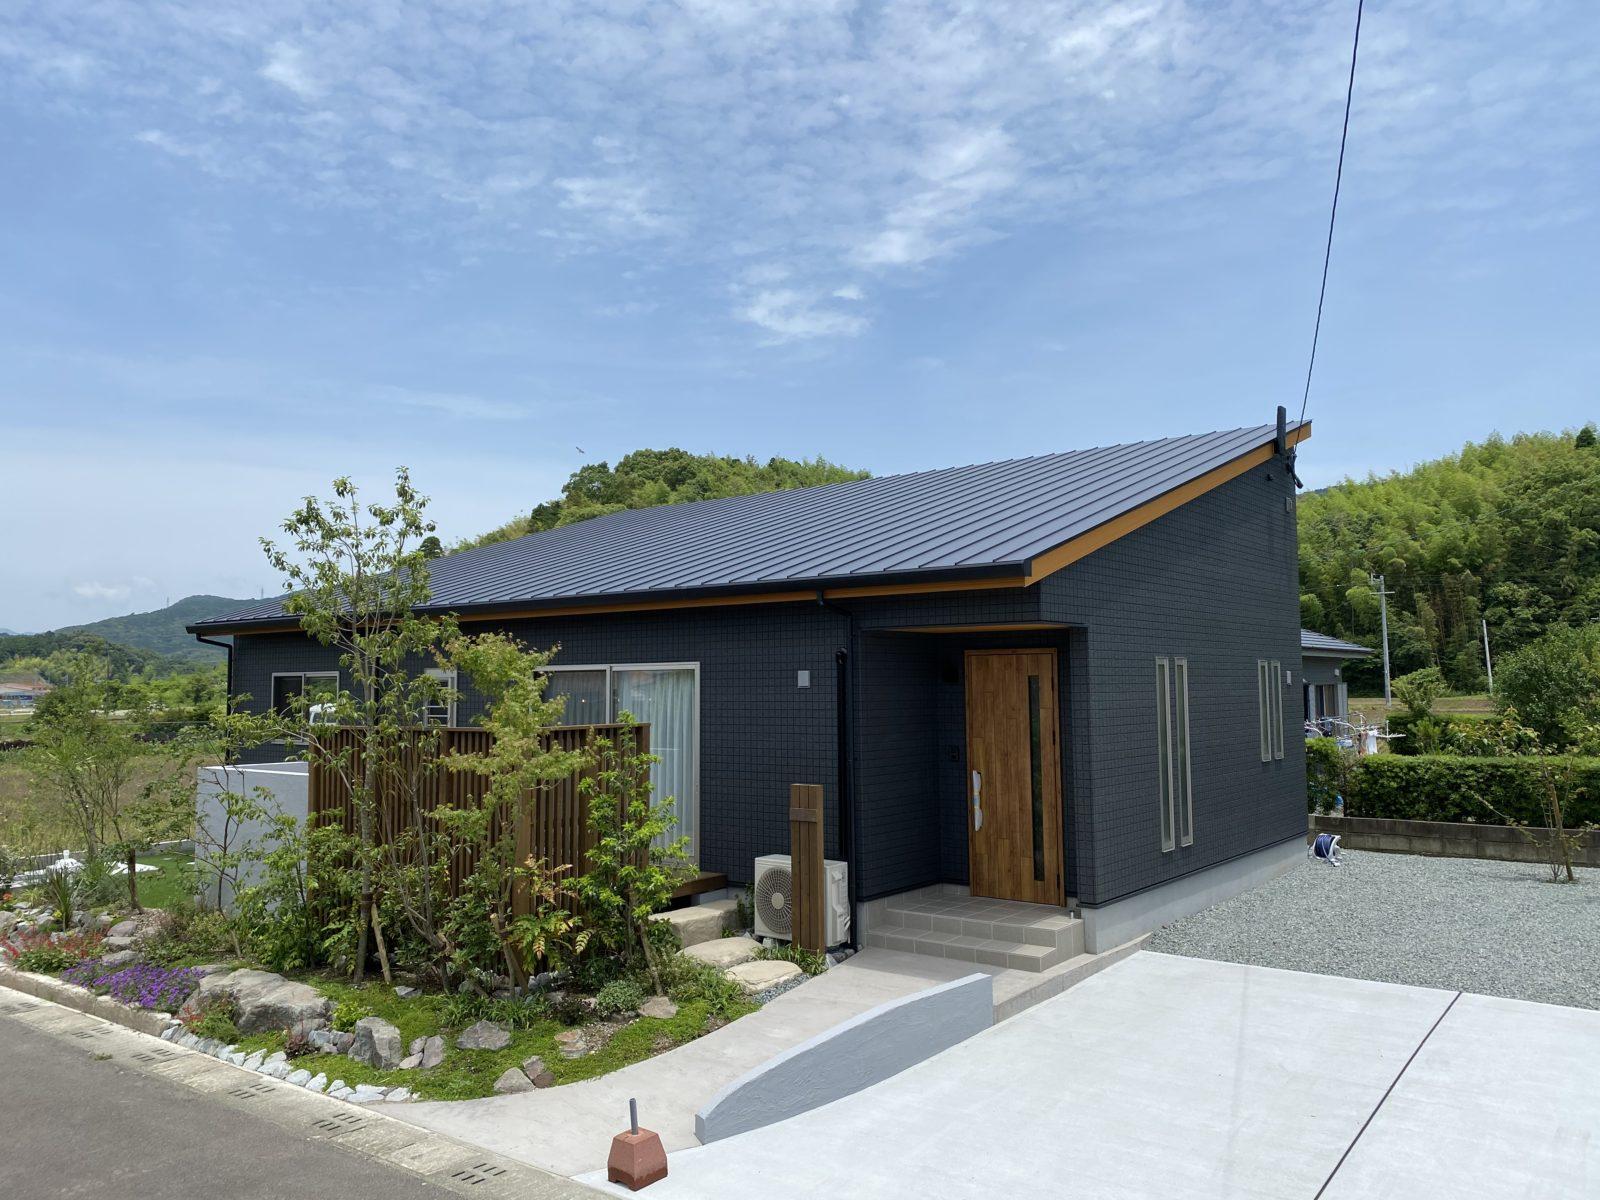 薩摩川内市 平屋モデルハウス | センチュリーハウス